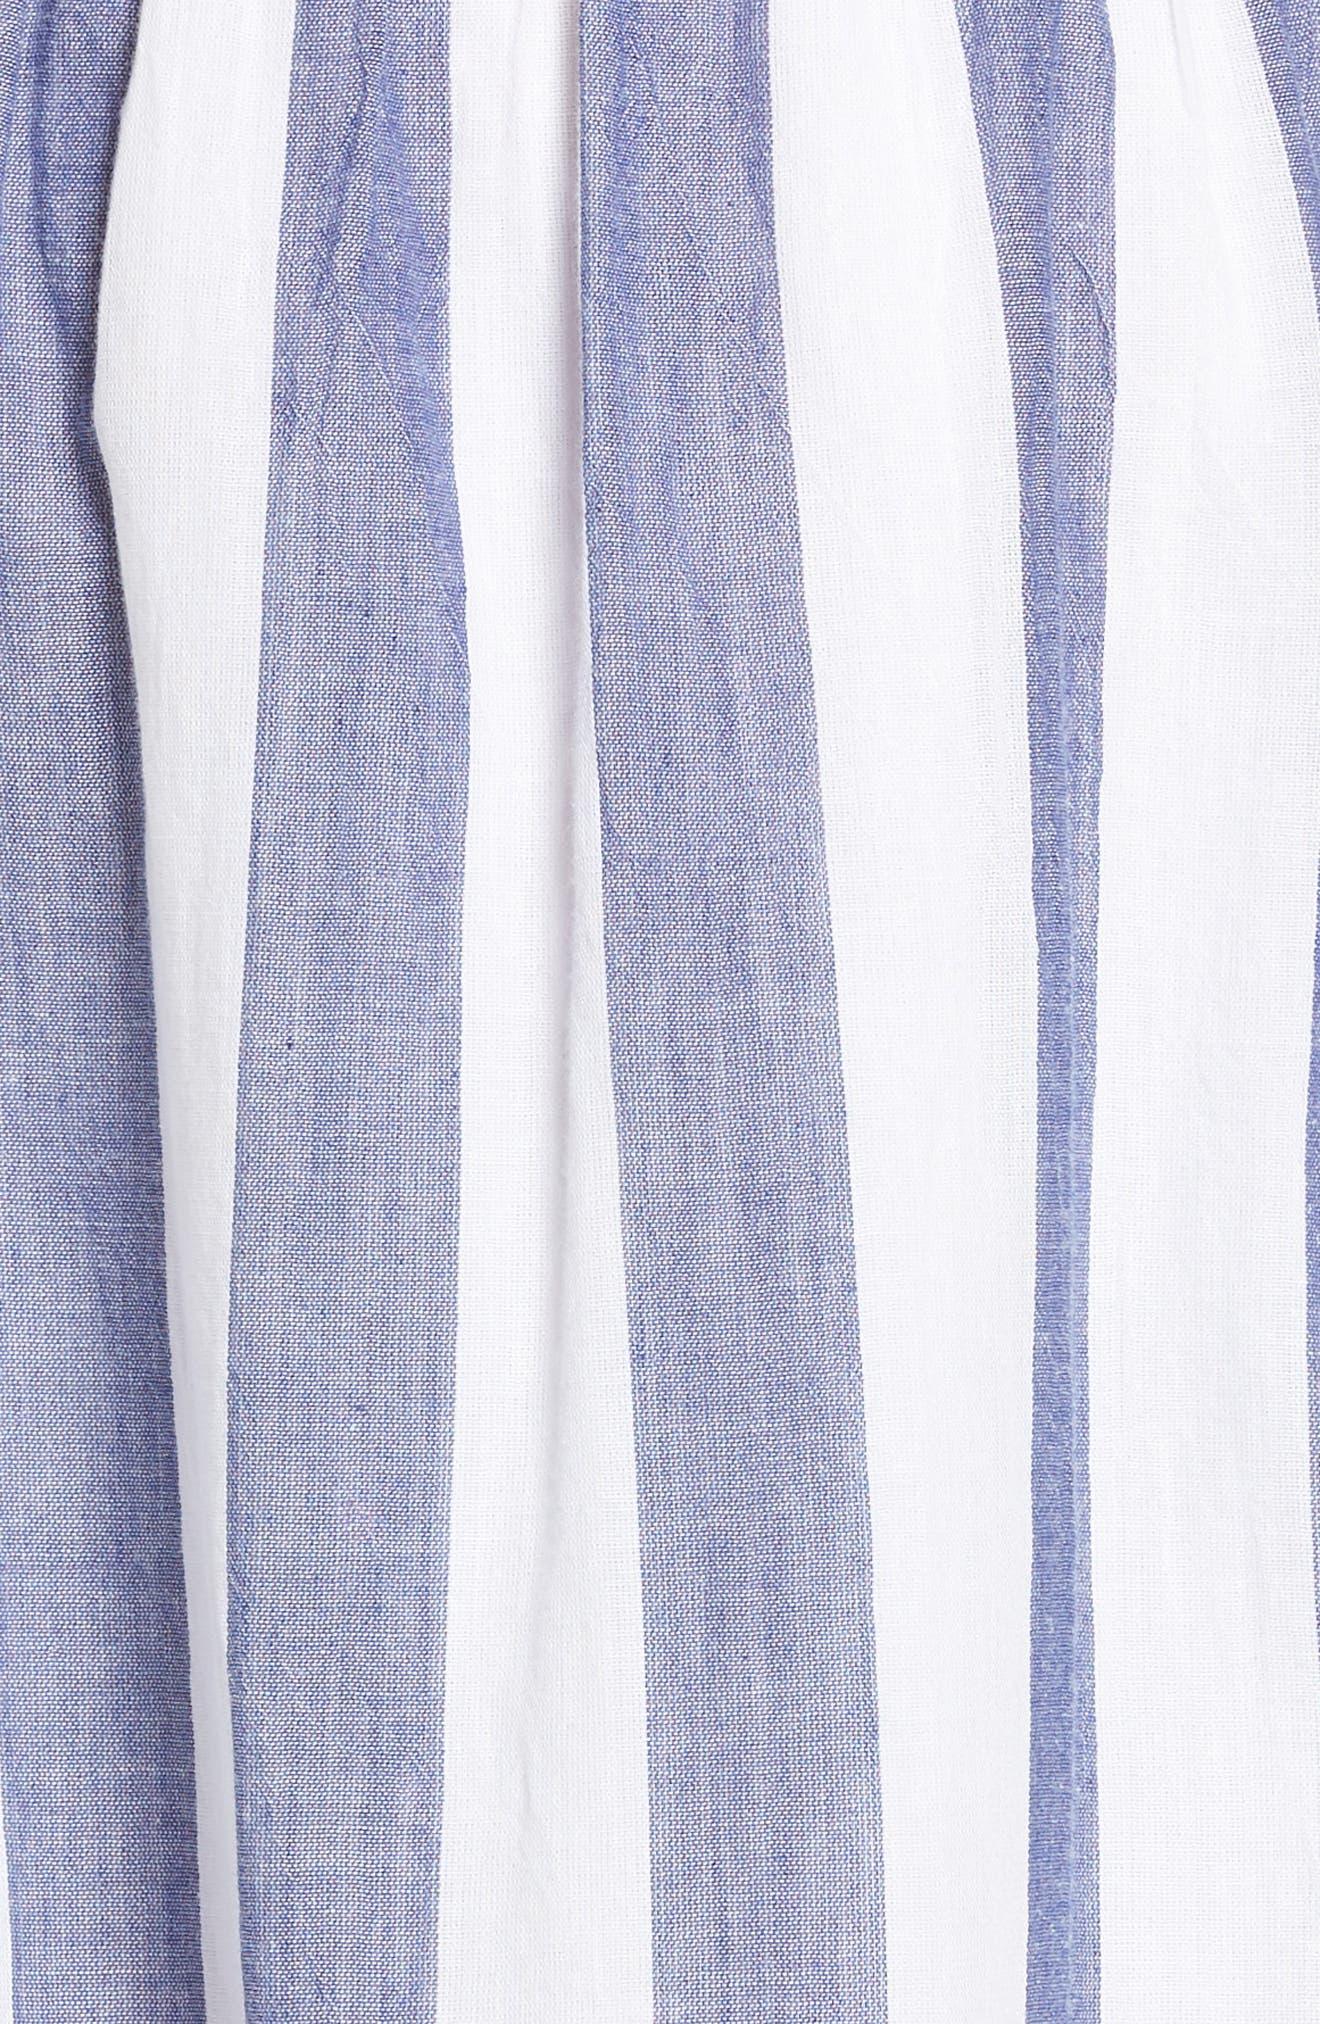 Off the Shoulder Stripe Smocked Dress,                             Alternate thumbnail 6, color,                             Blue Multi